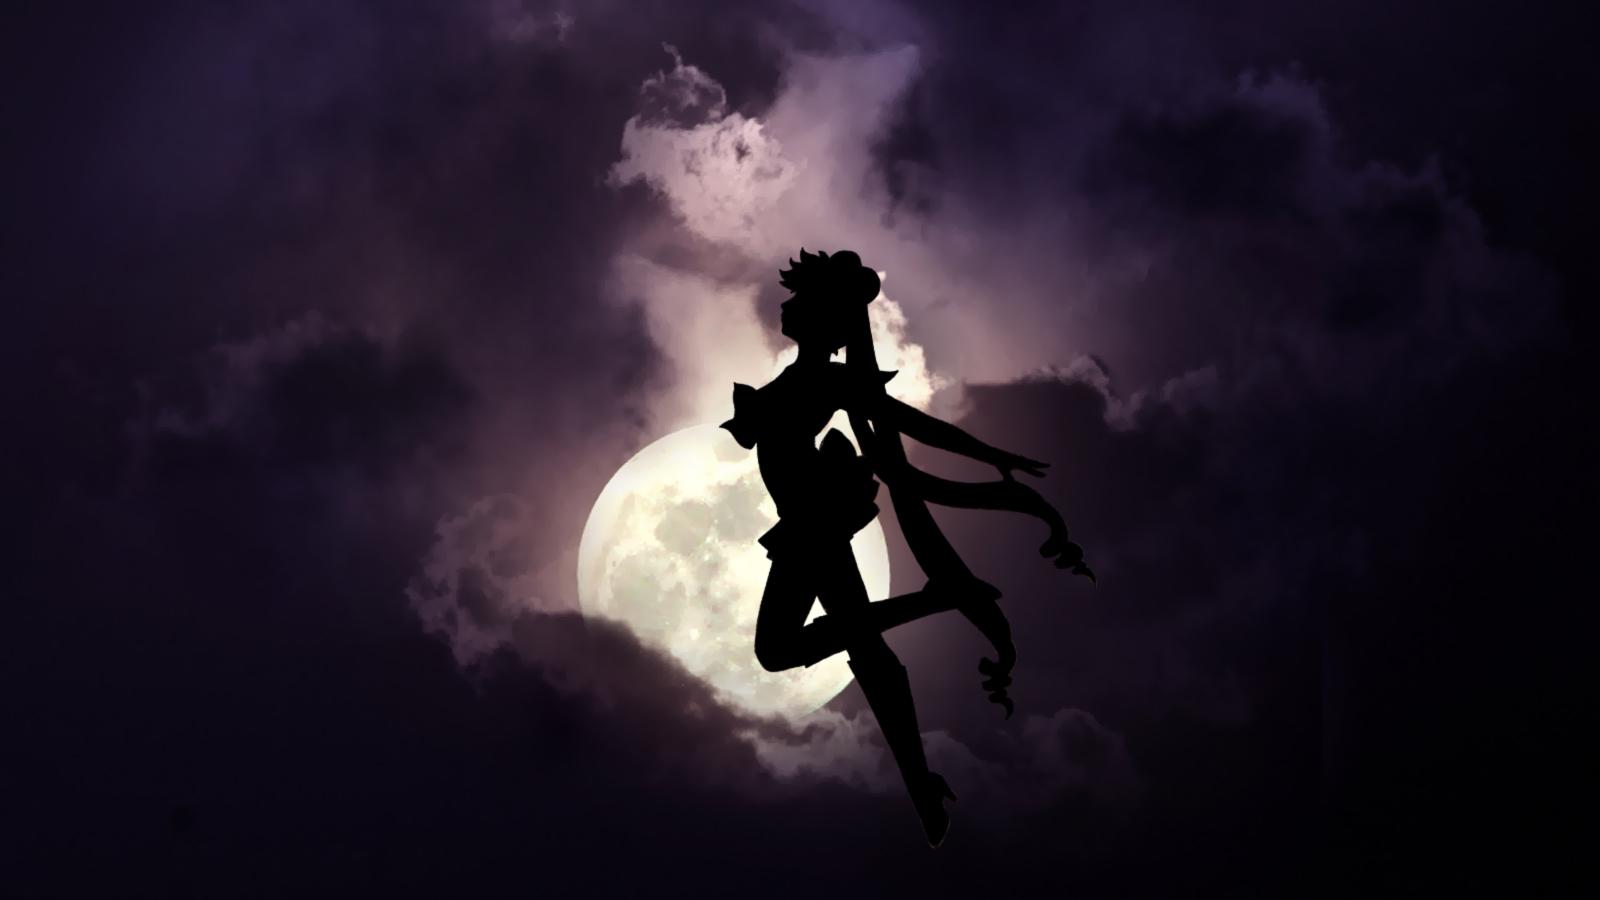 Free Download My Sailor Moon Wallpaper By Sakkysa Watch Fan Art